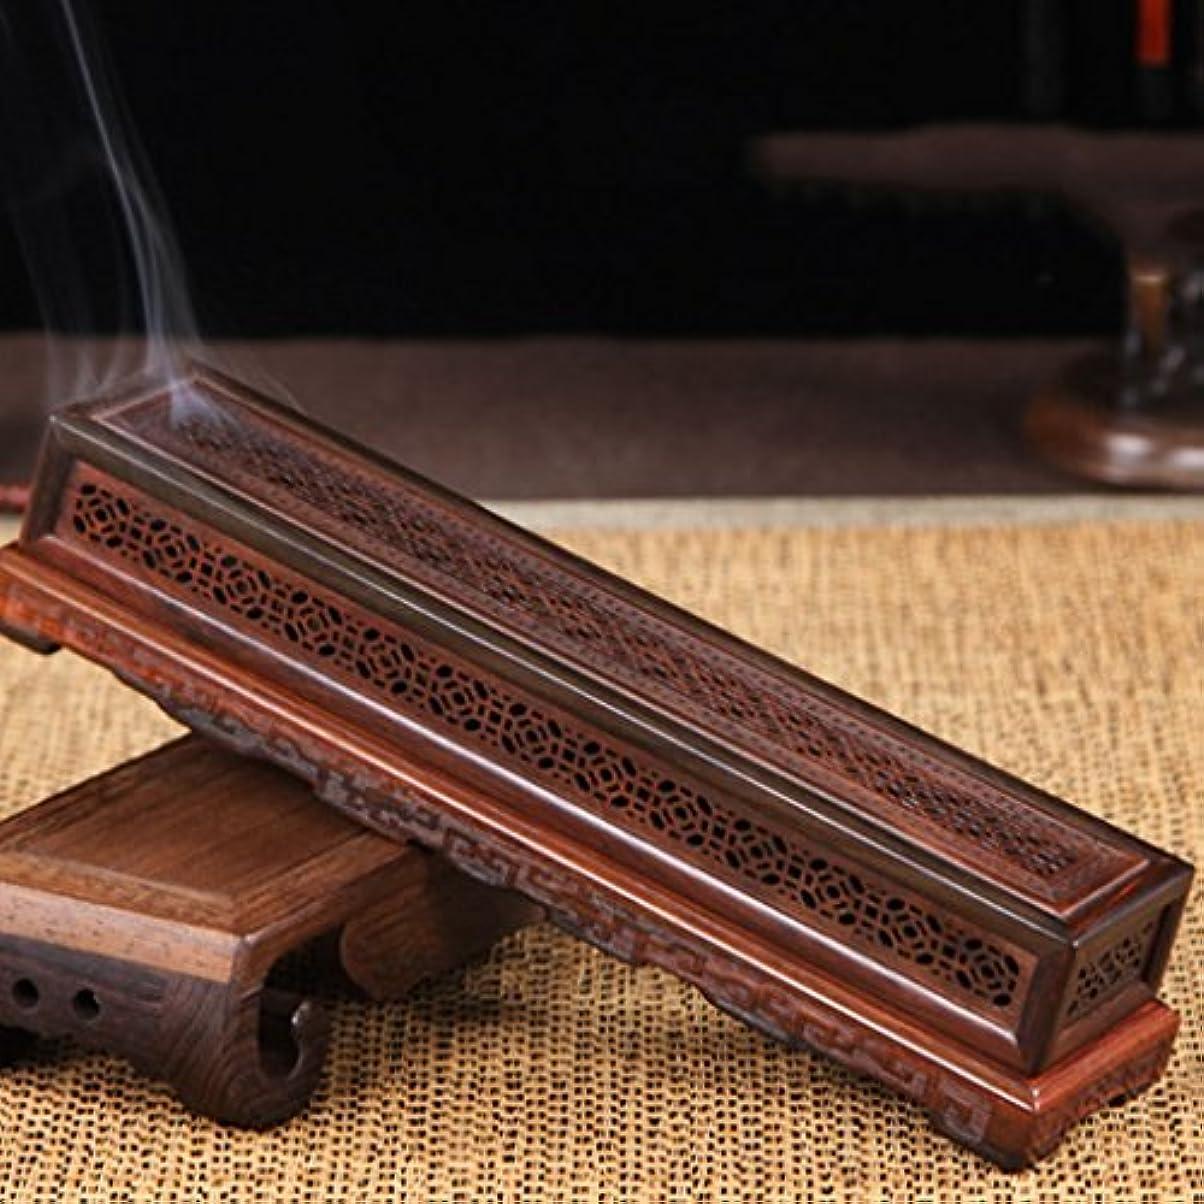 膨らませる調和のとれた改善(ラシューバー) Lasuiveur 香炉 香立て 渦巻き線香 線香立て お香立て